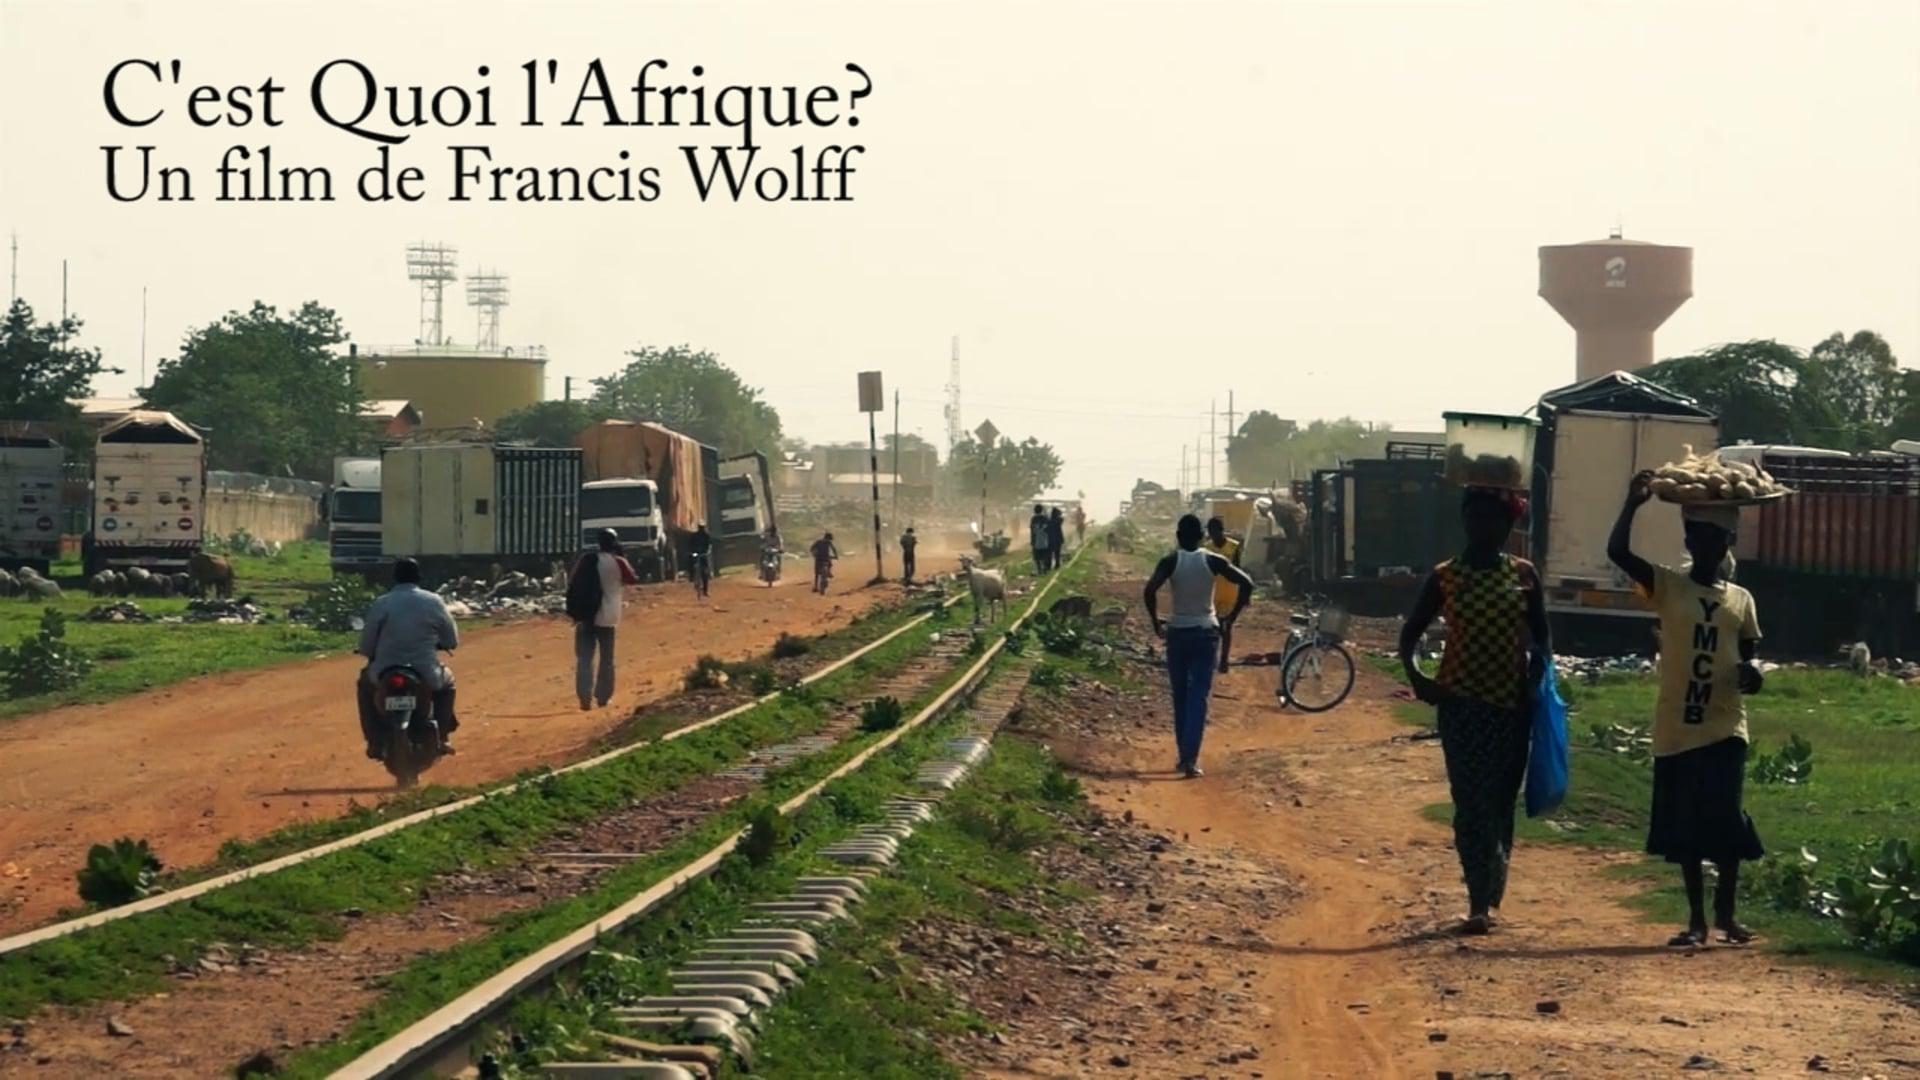 C'EST QUOI L' AFRIQUE